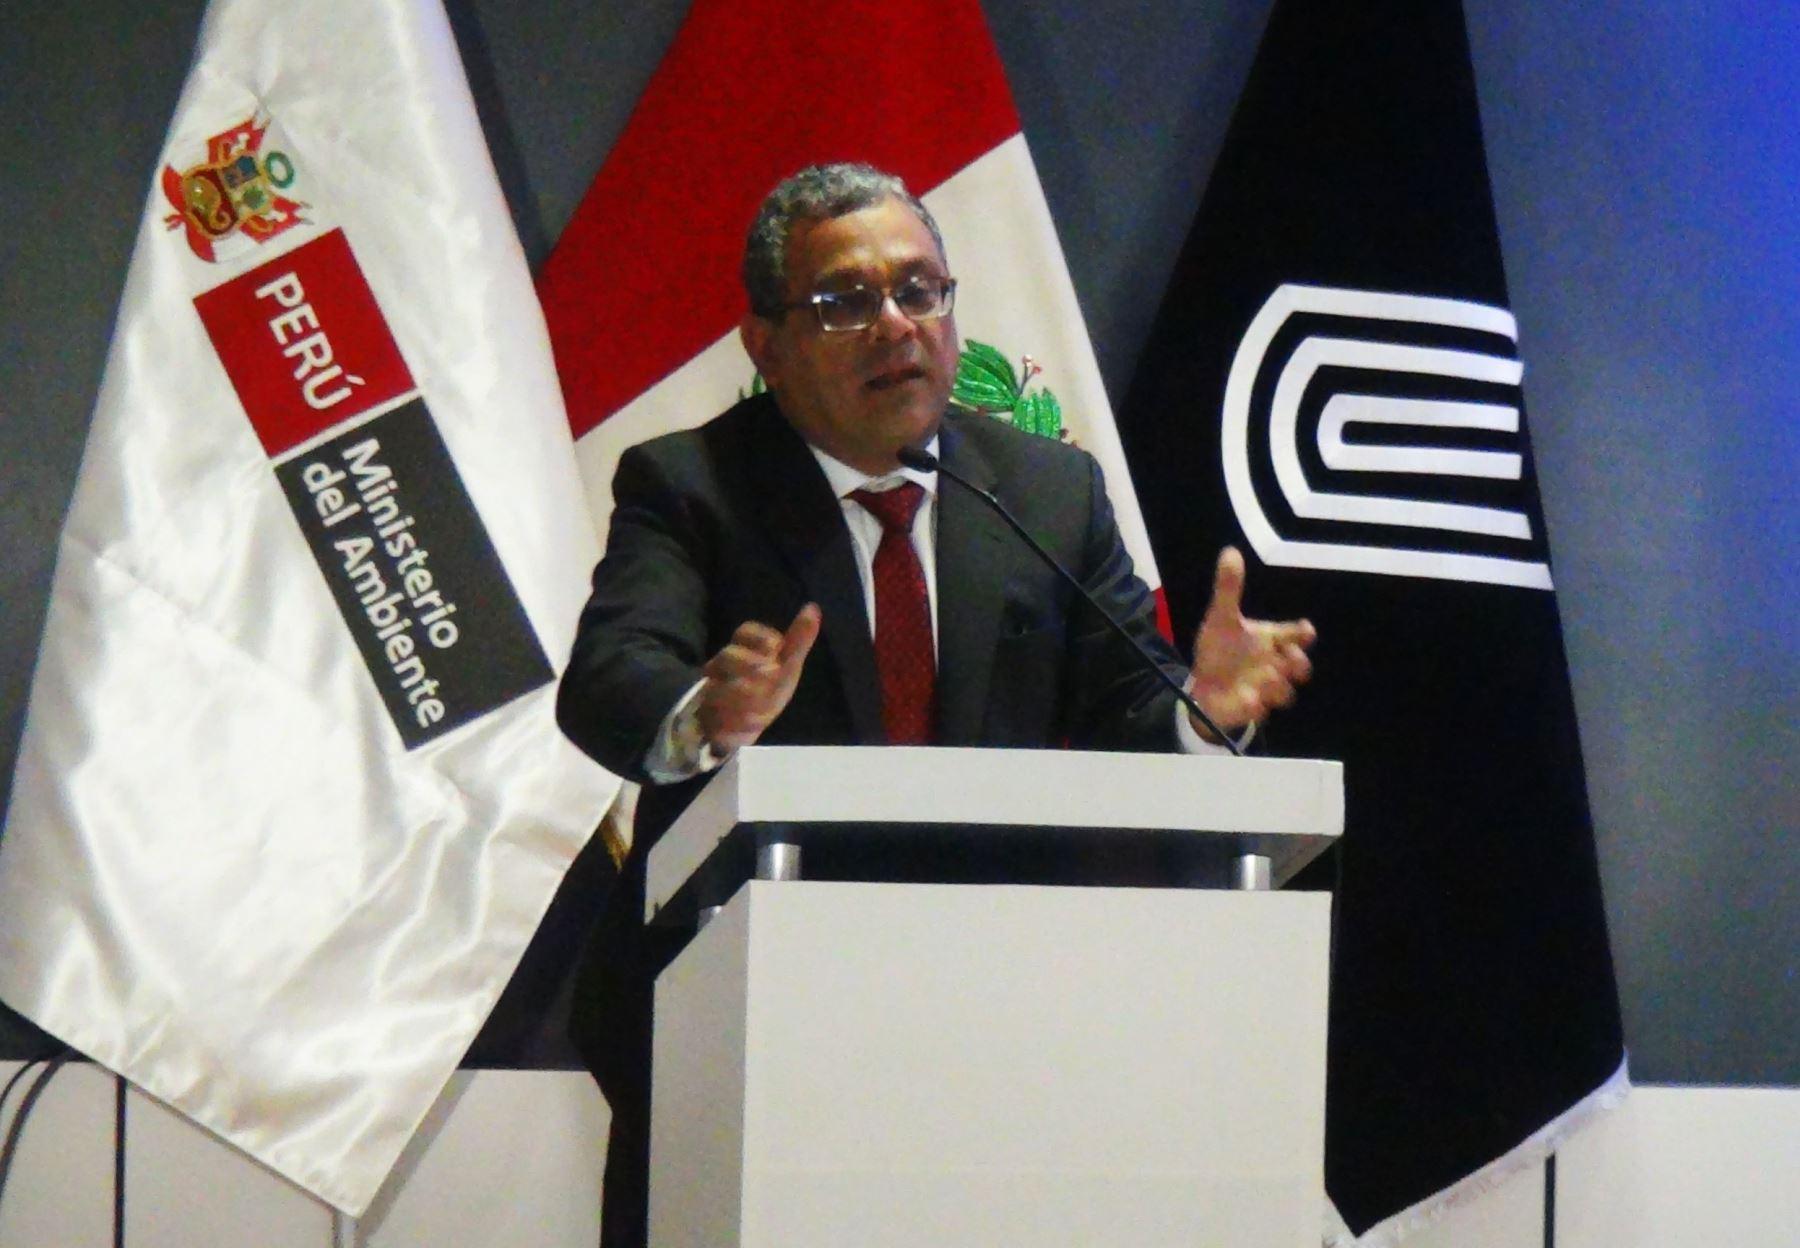 Viceministro de Gestión Ambiental del Ministerio del Ambiente, Marcos Alegre, presenta en Junín propuesta de estándares de calidad ambiental. ANDINA